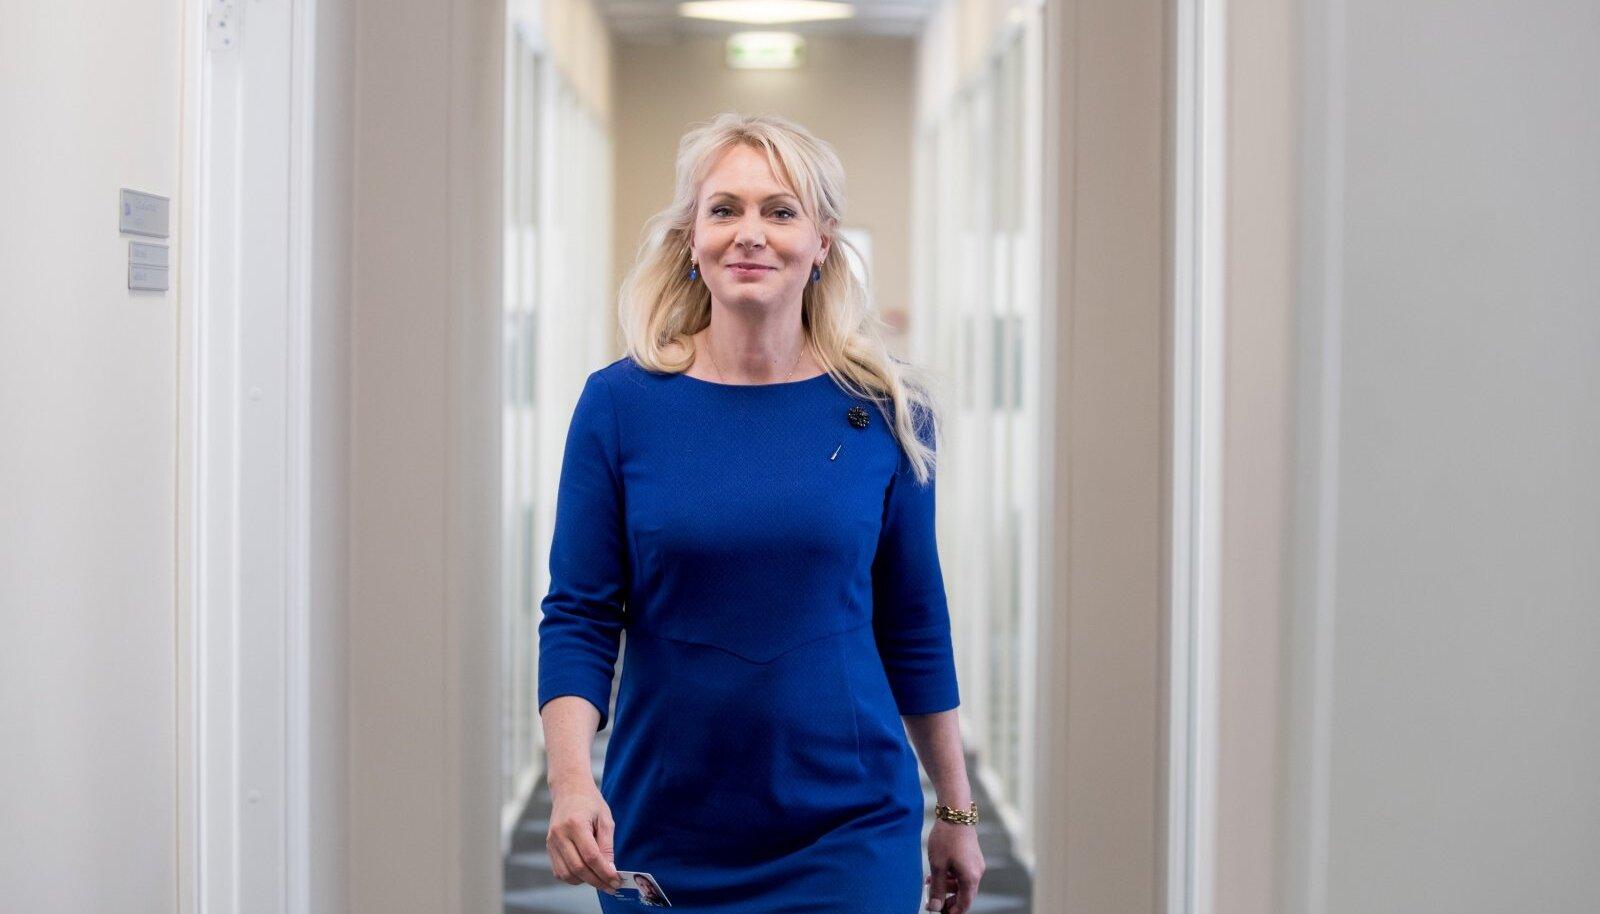 """VARES! Riina Solman ütleb, et lindudena saaks poliitikas kõige paremini hakkama varesed. """"Nad on nutikad. Ükspäev nägin laste lõunauinaku ajal lasteaia hoovis varest palli mängimas, tal oli väga lõbus."""" Vähetähtis pole ka asjaolu, et ministri neiupõlve nimi oli Riina Vares."""